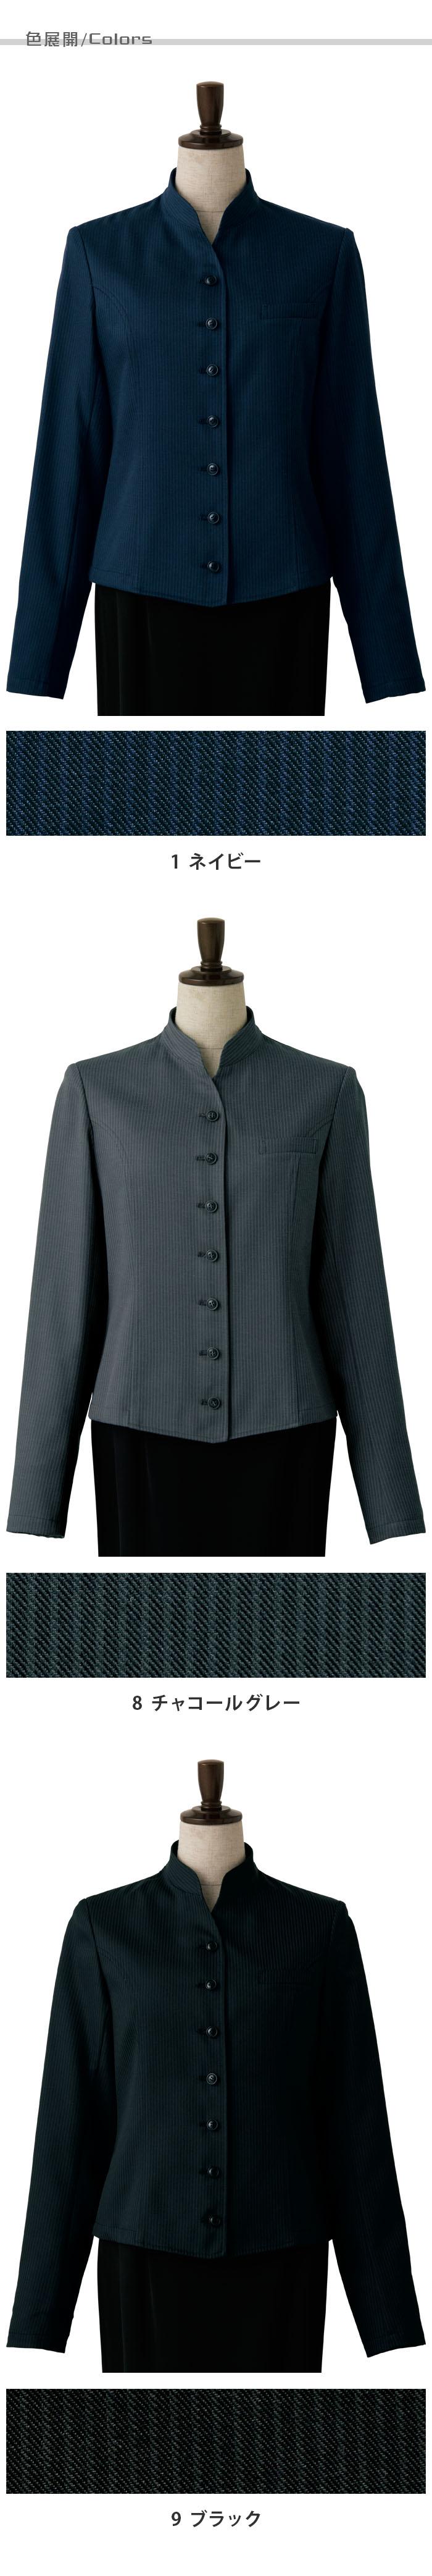 飲食店販売店制服 シンプルでオシャレなストライプ柄。サービスジャケット【3色】女性用